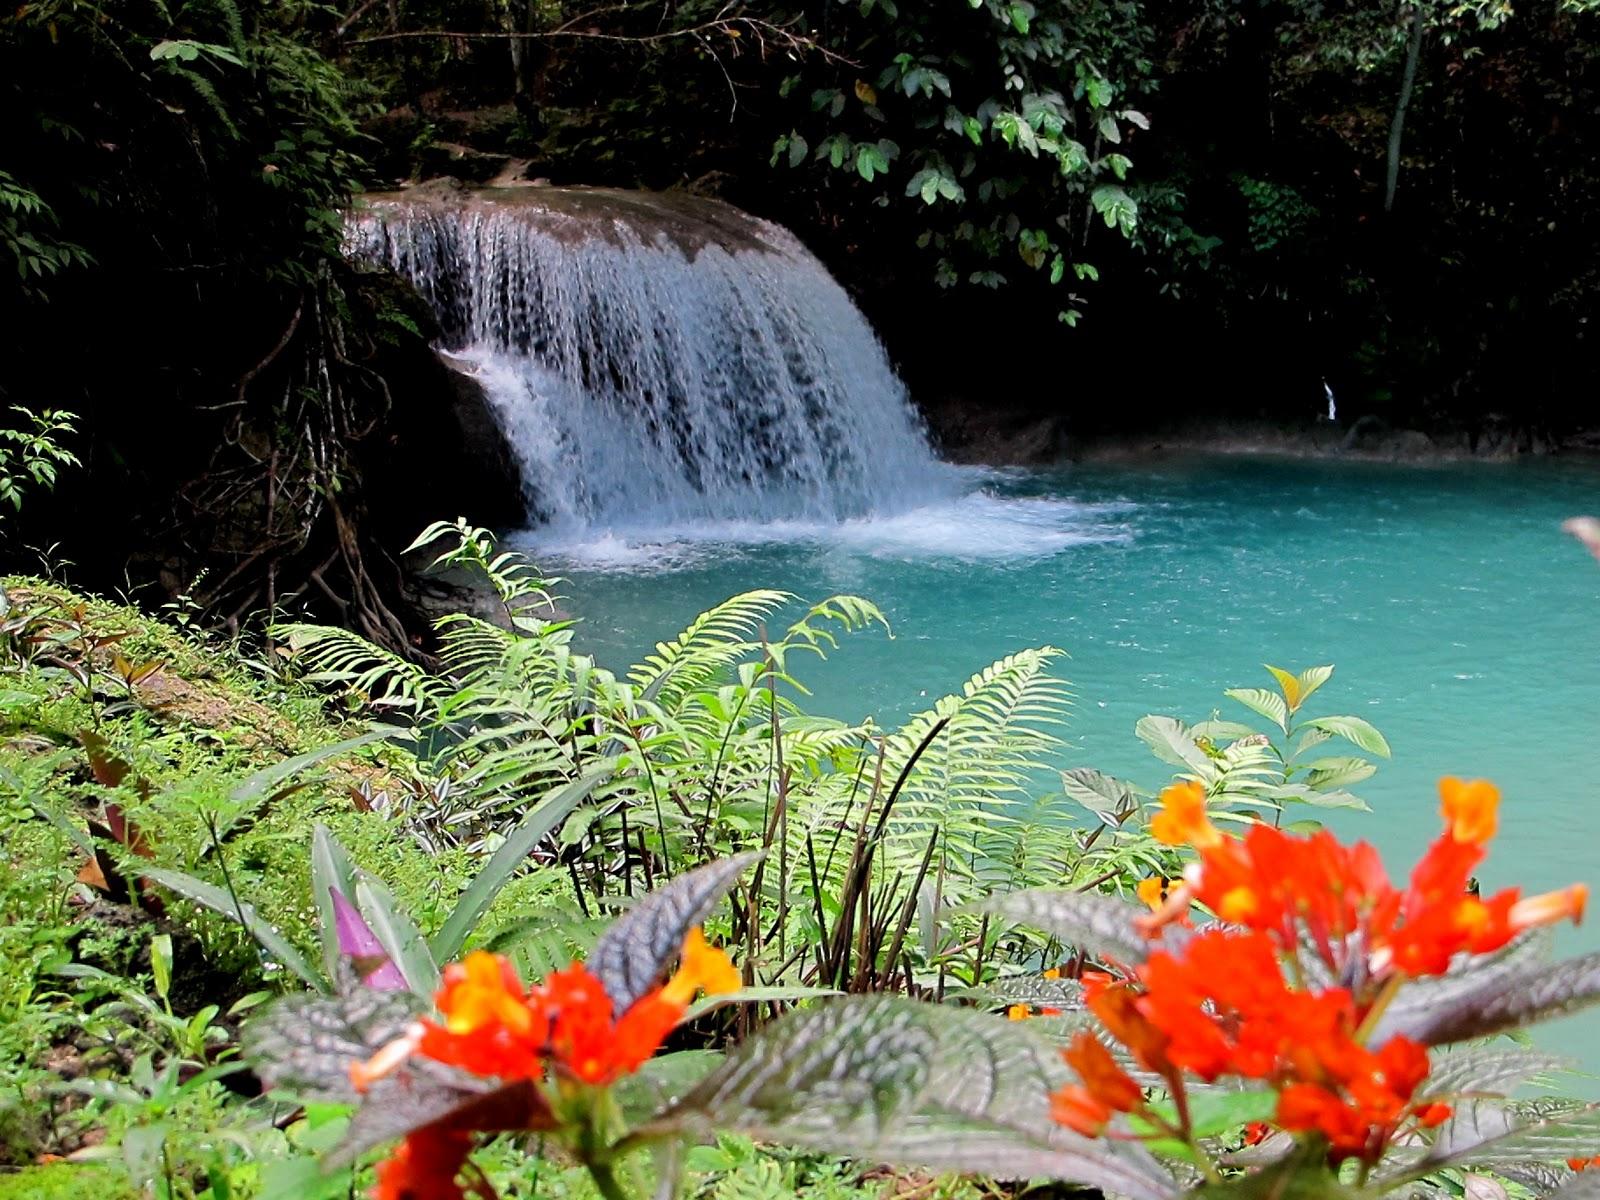 Kawasan, cea mai frumoasă cascadă din Filipine